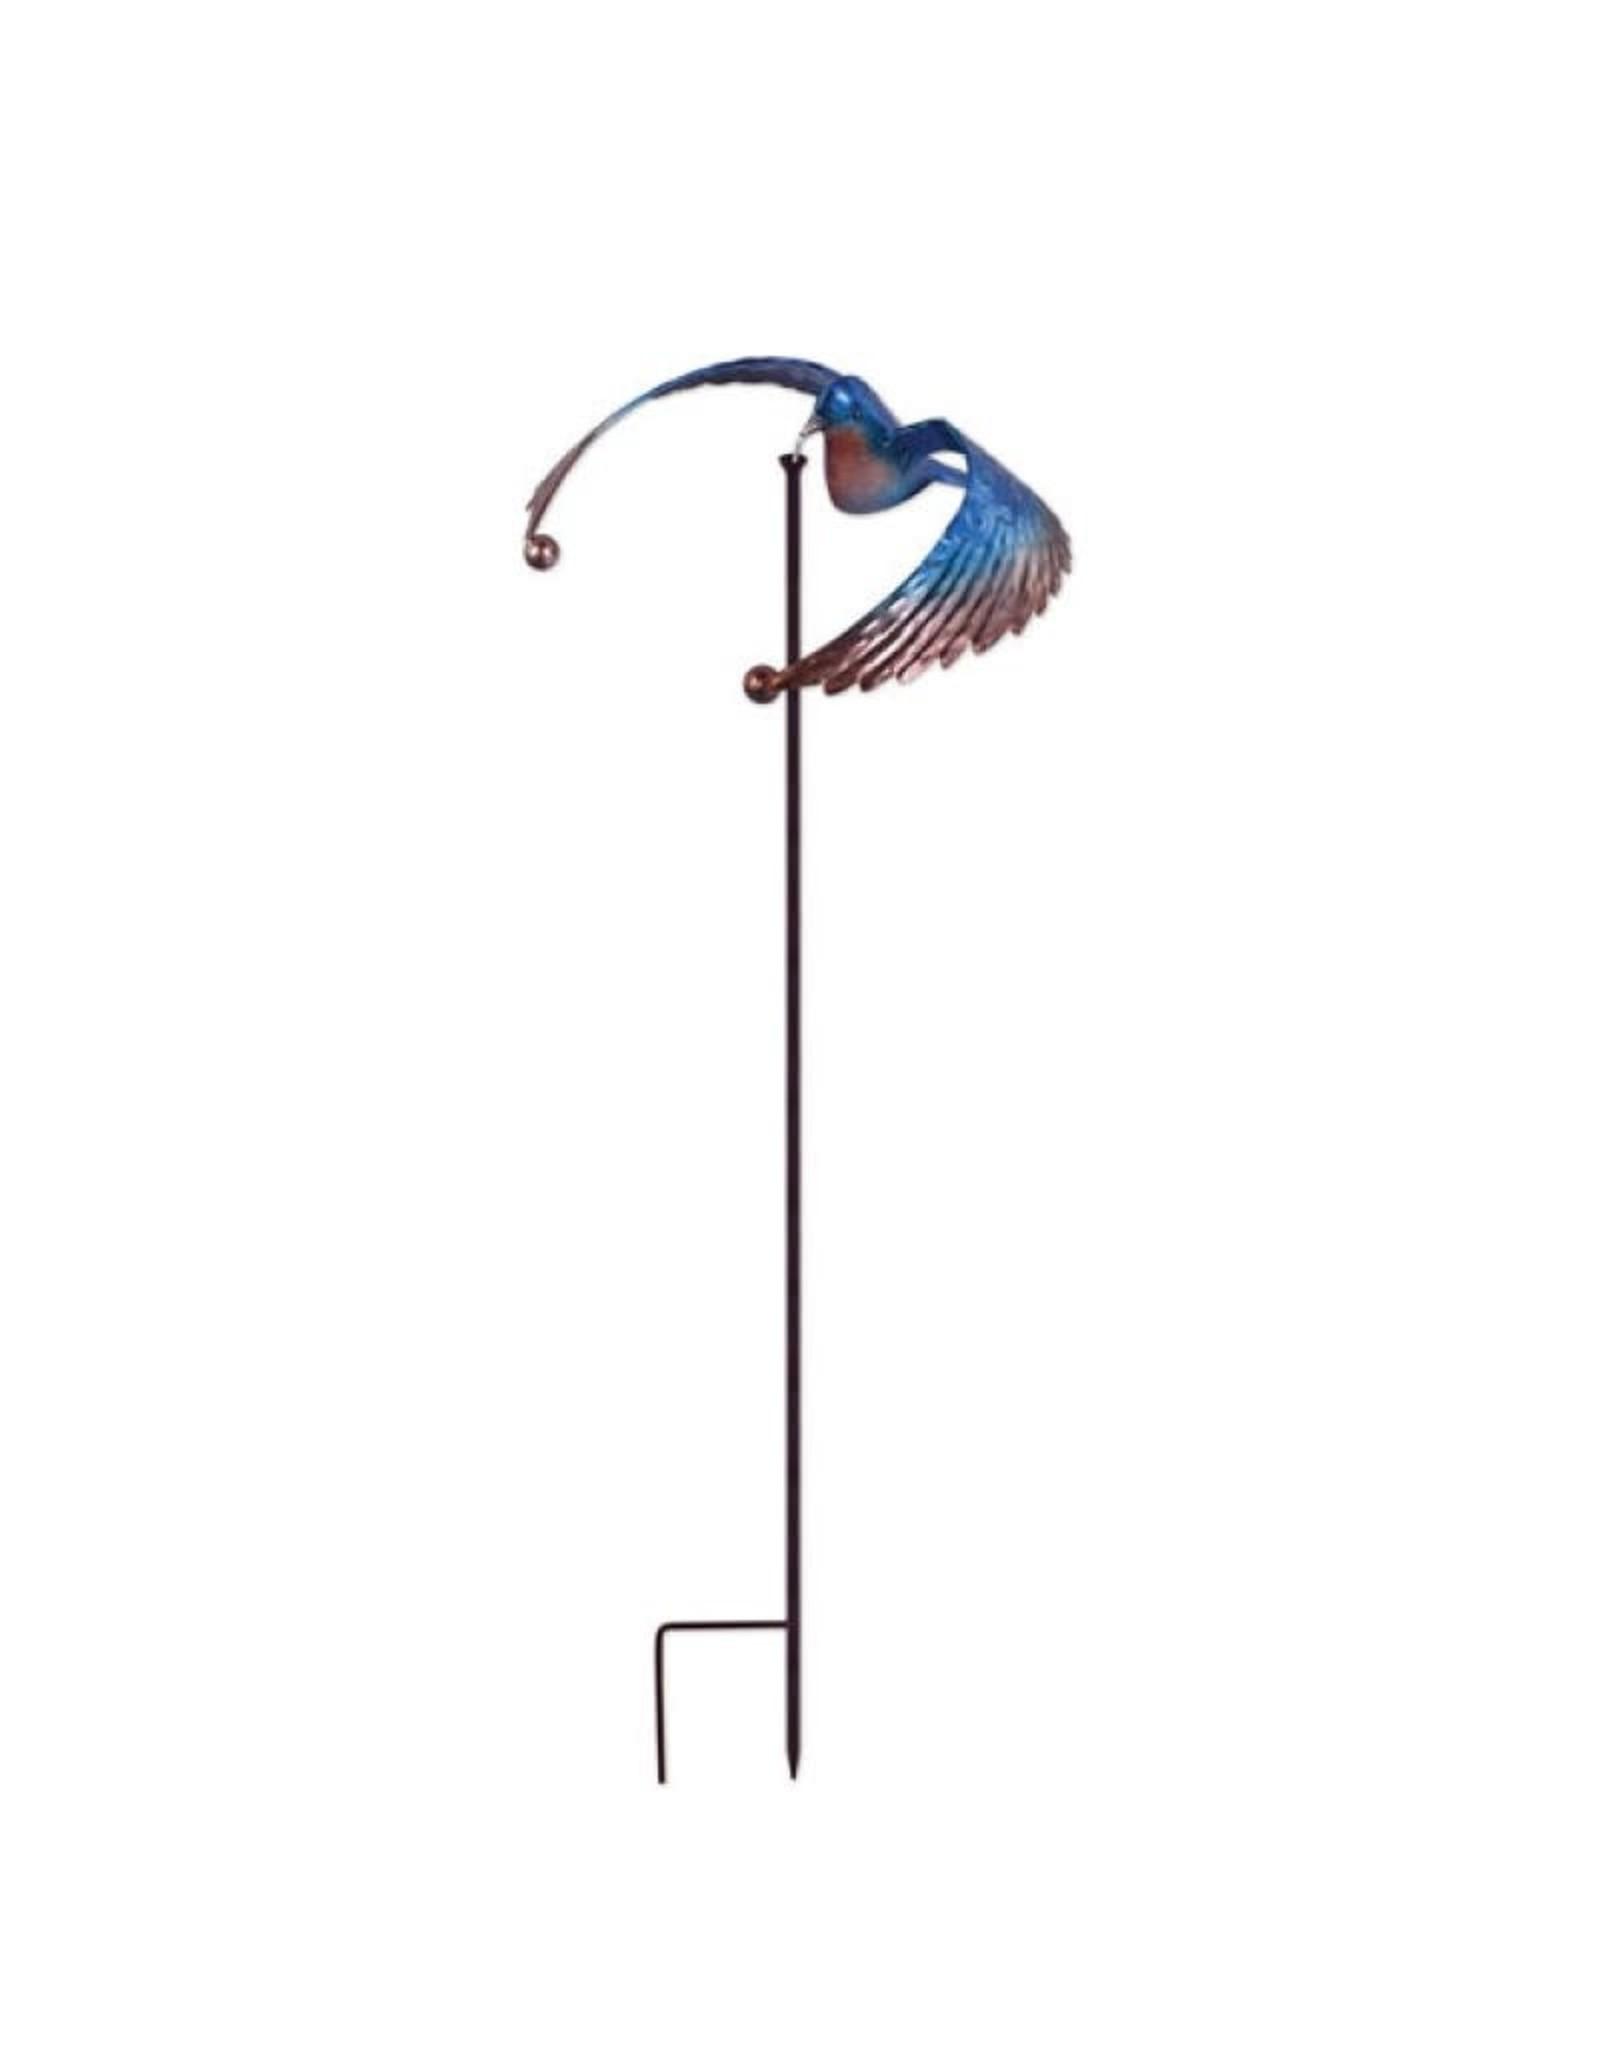 Balancer - Swirling Blue Bird